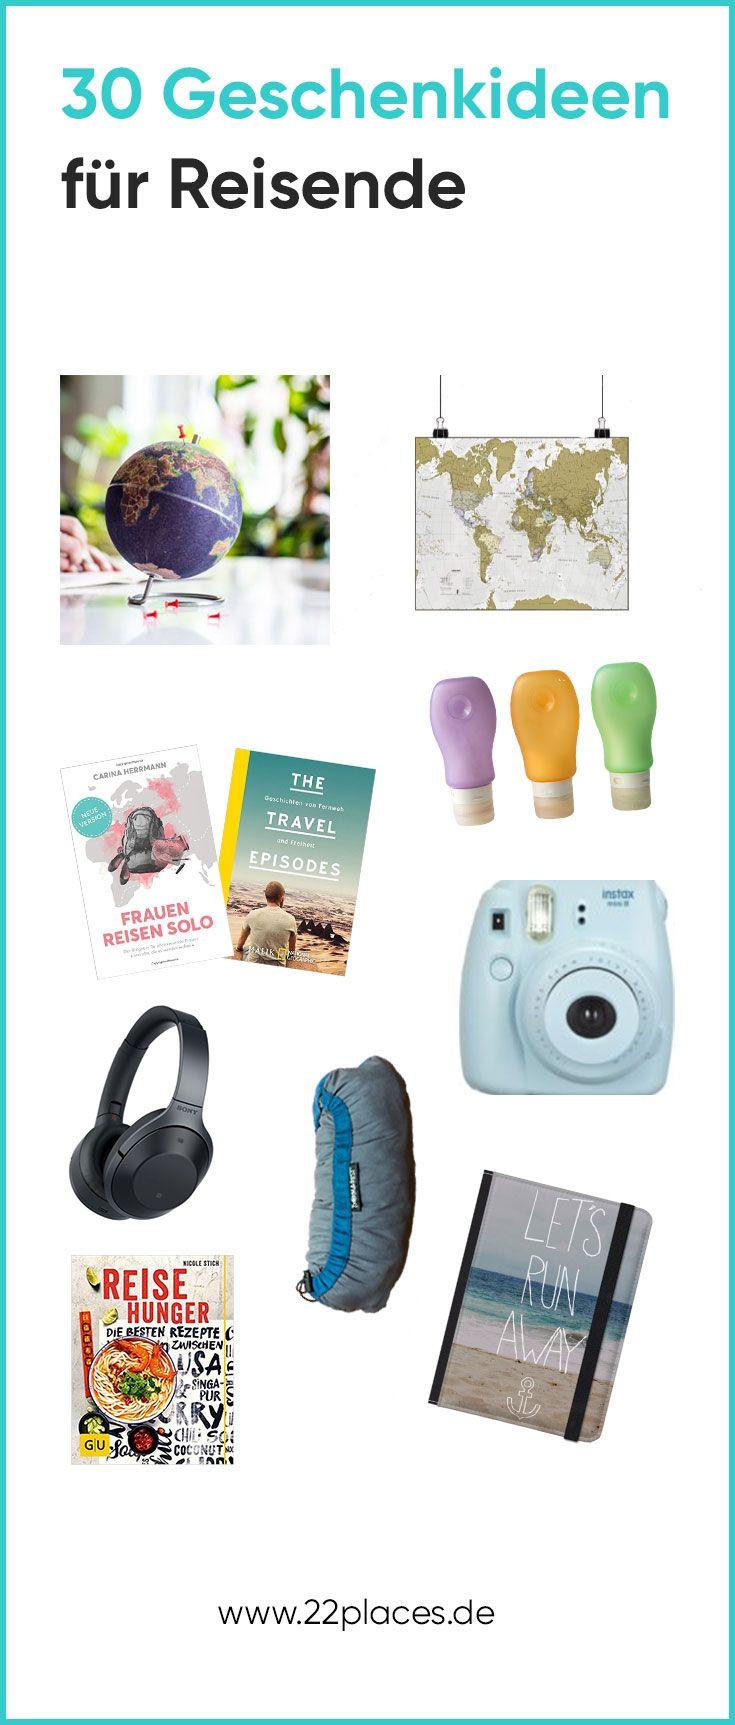 31 reise geschenke tolle geschenkideen f r reisende geschenkideen geschenke rund ums reisen. Black Bedroom Furniture Sets. Home Design Ideas